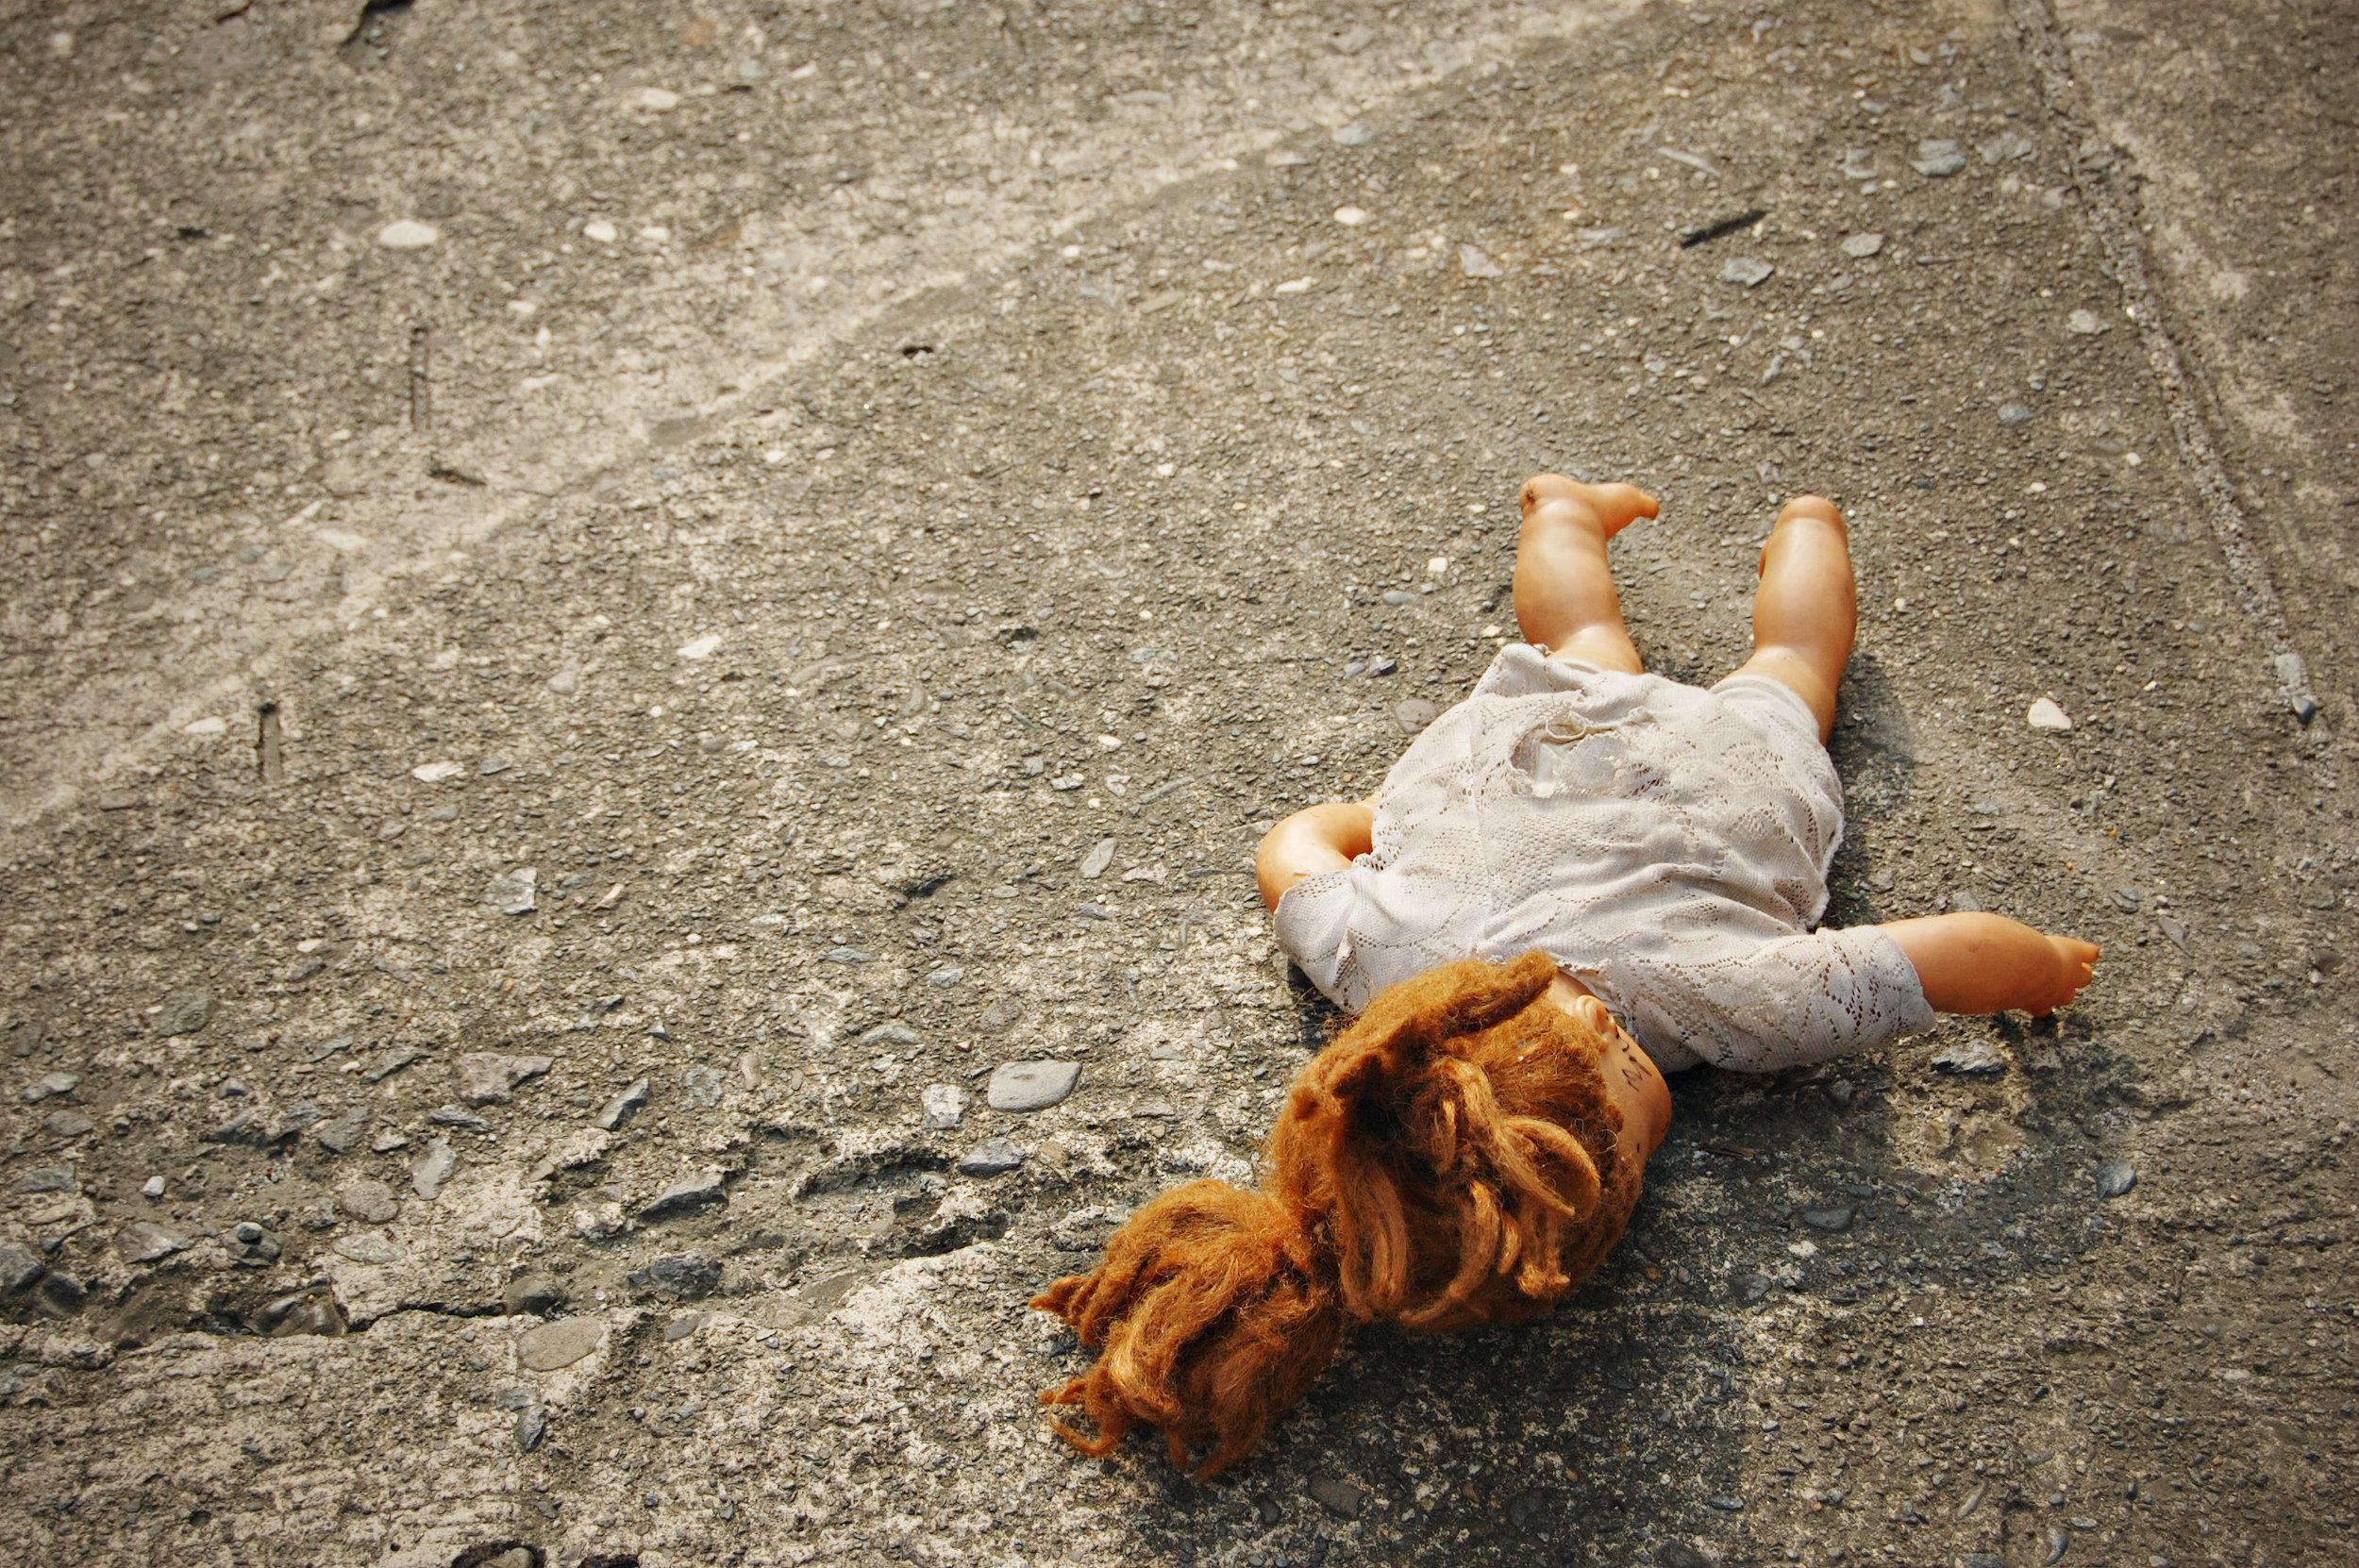 Auf der Straße: Mann glaubt, Babypuppe zu entdecken –plötzlich bewegt sie